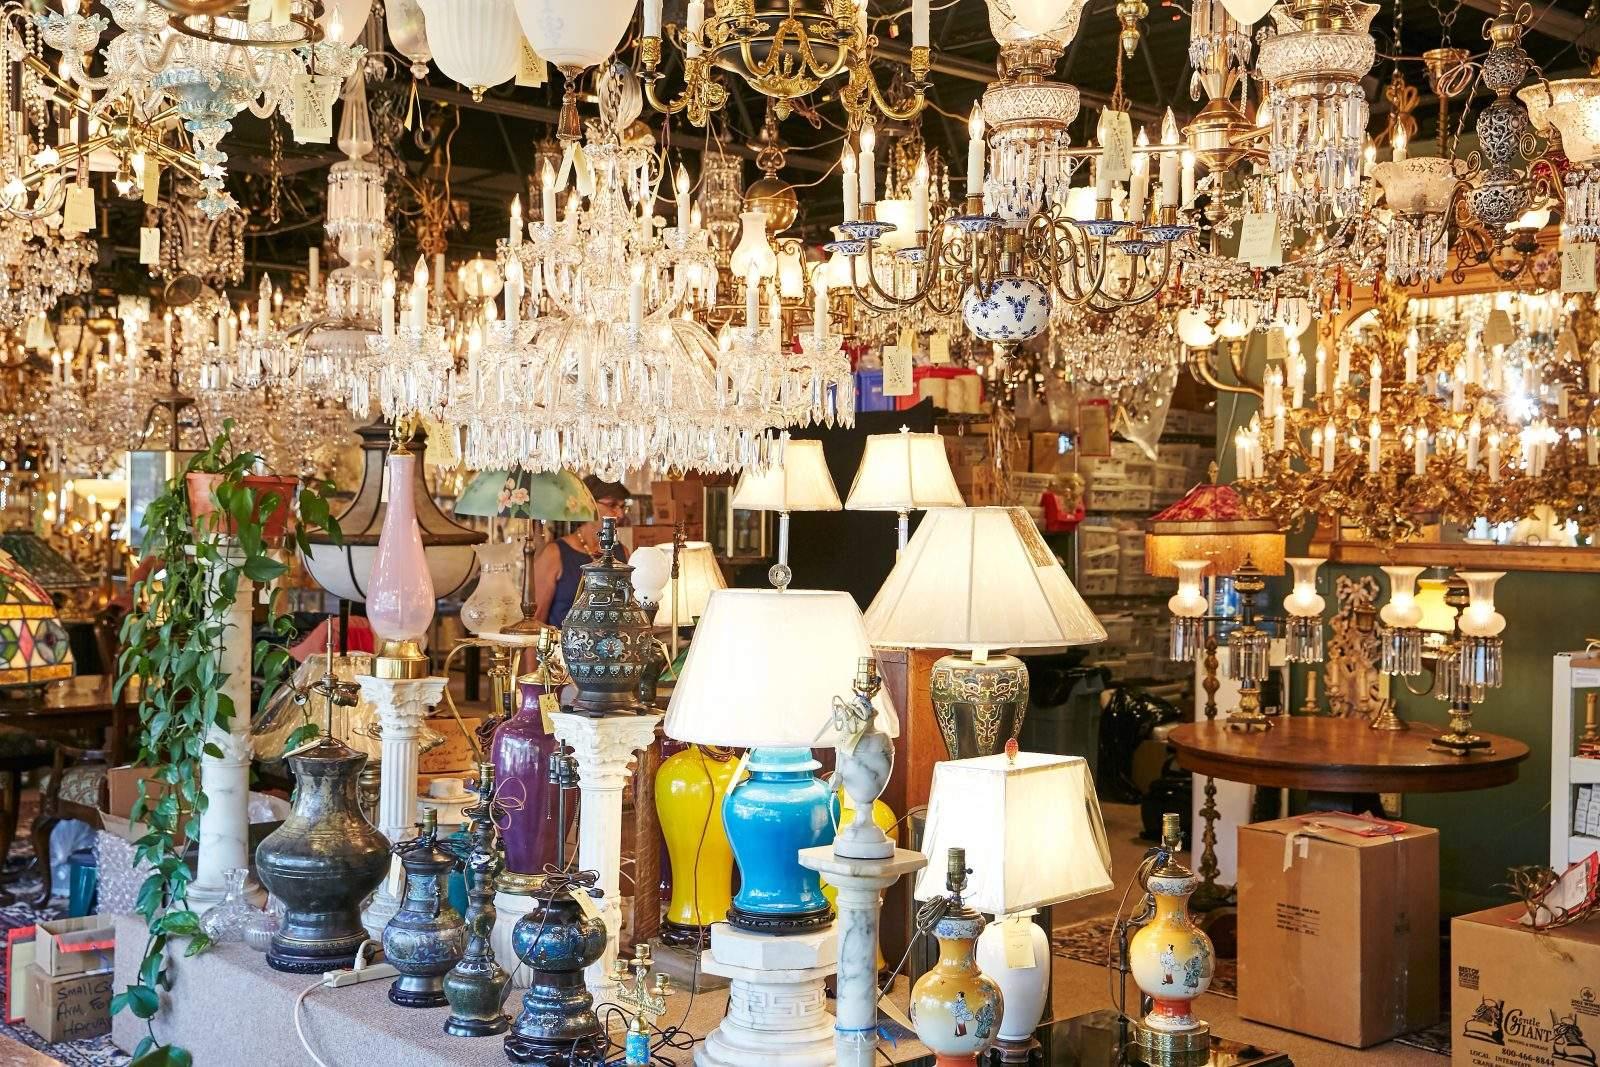 Showroom full of Antique Lighting